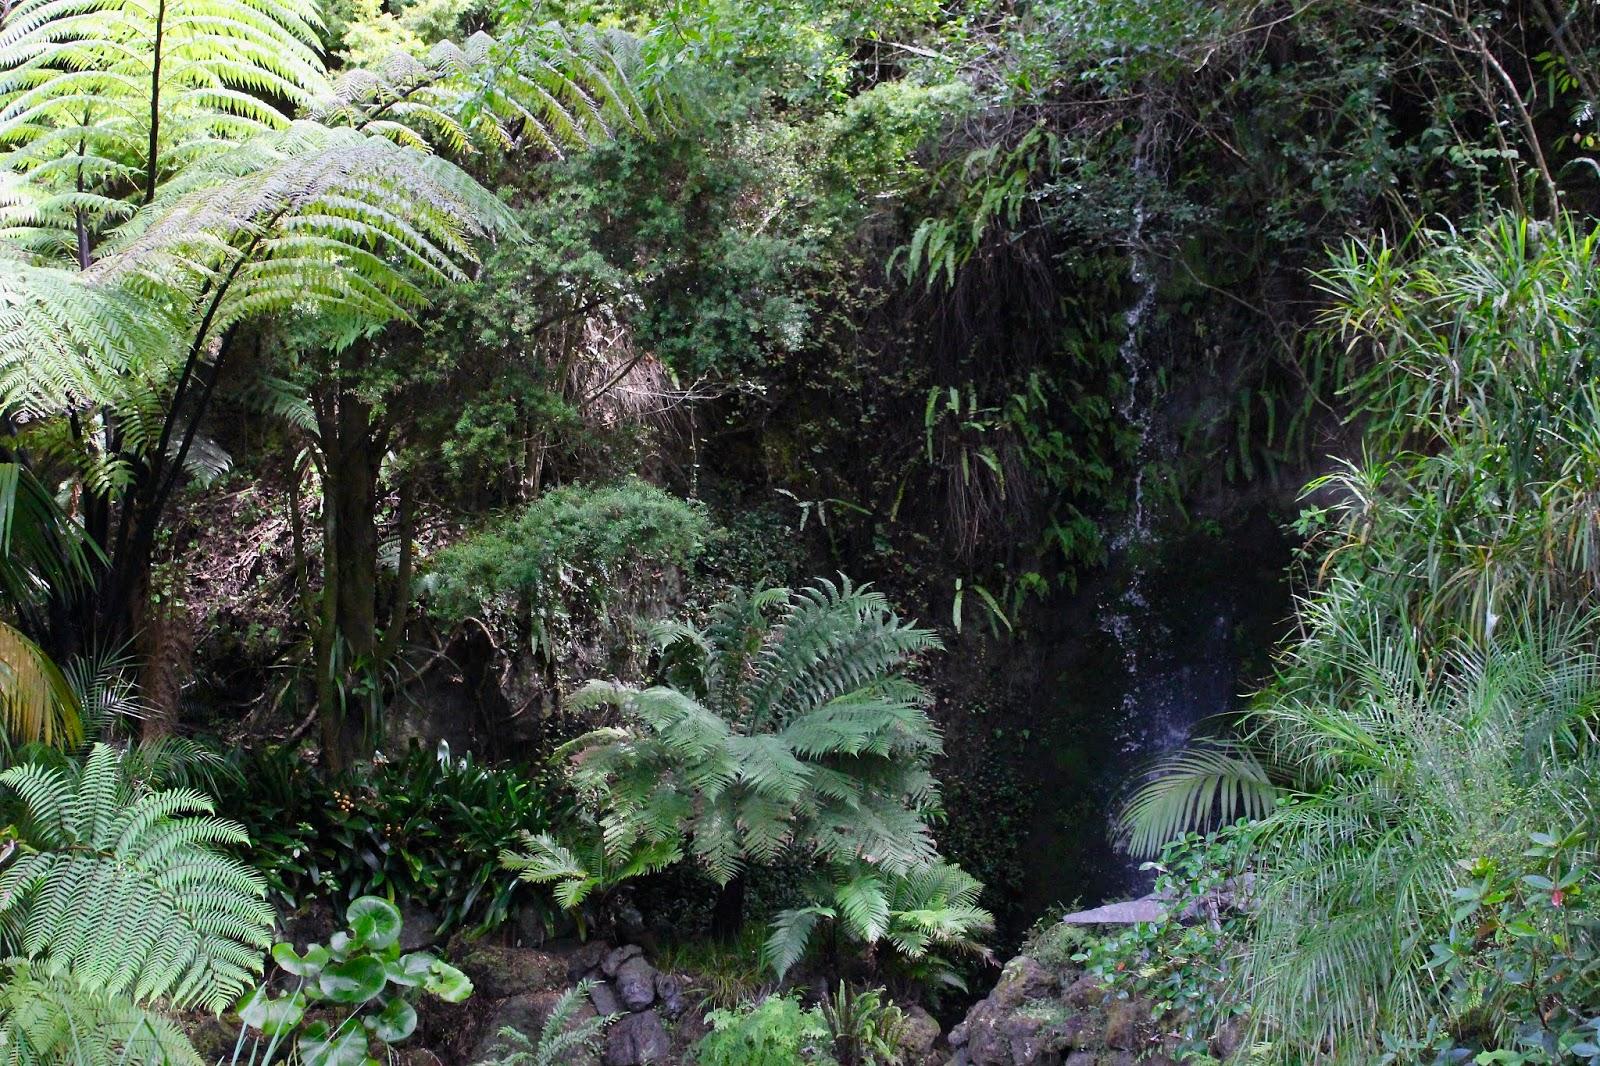 Eden Gardens, Auckland